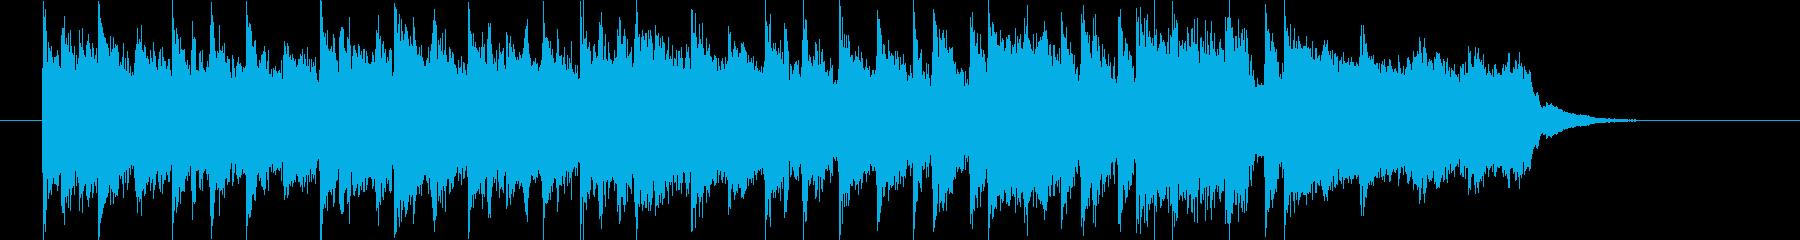 疾走感とワクワク感のシンセサウンドの再生済みの波形